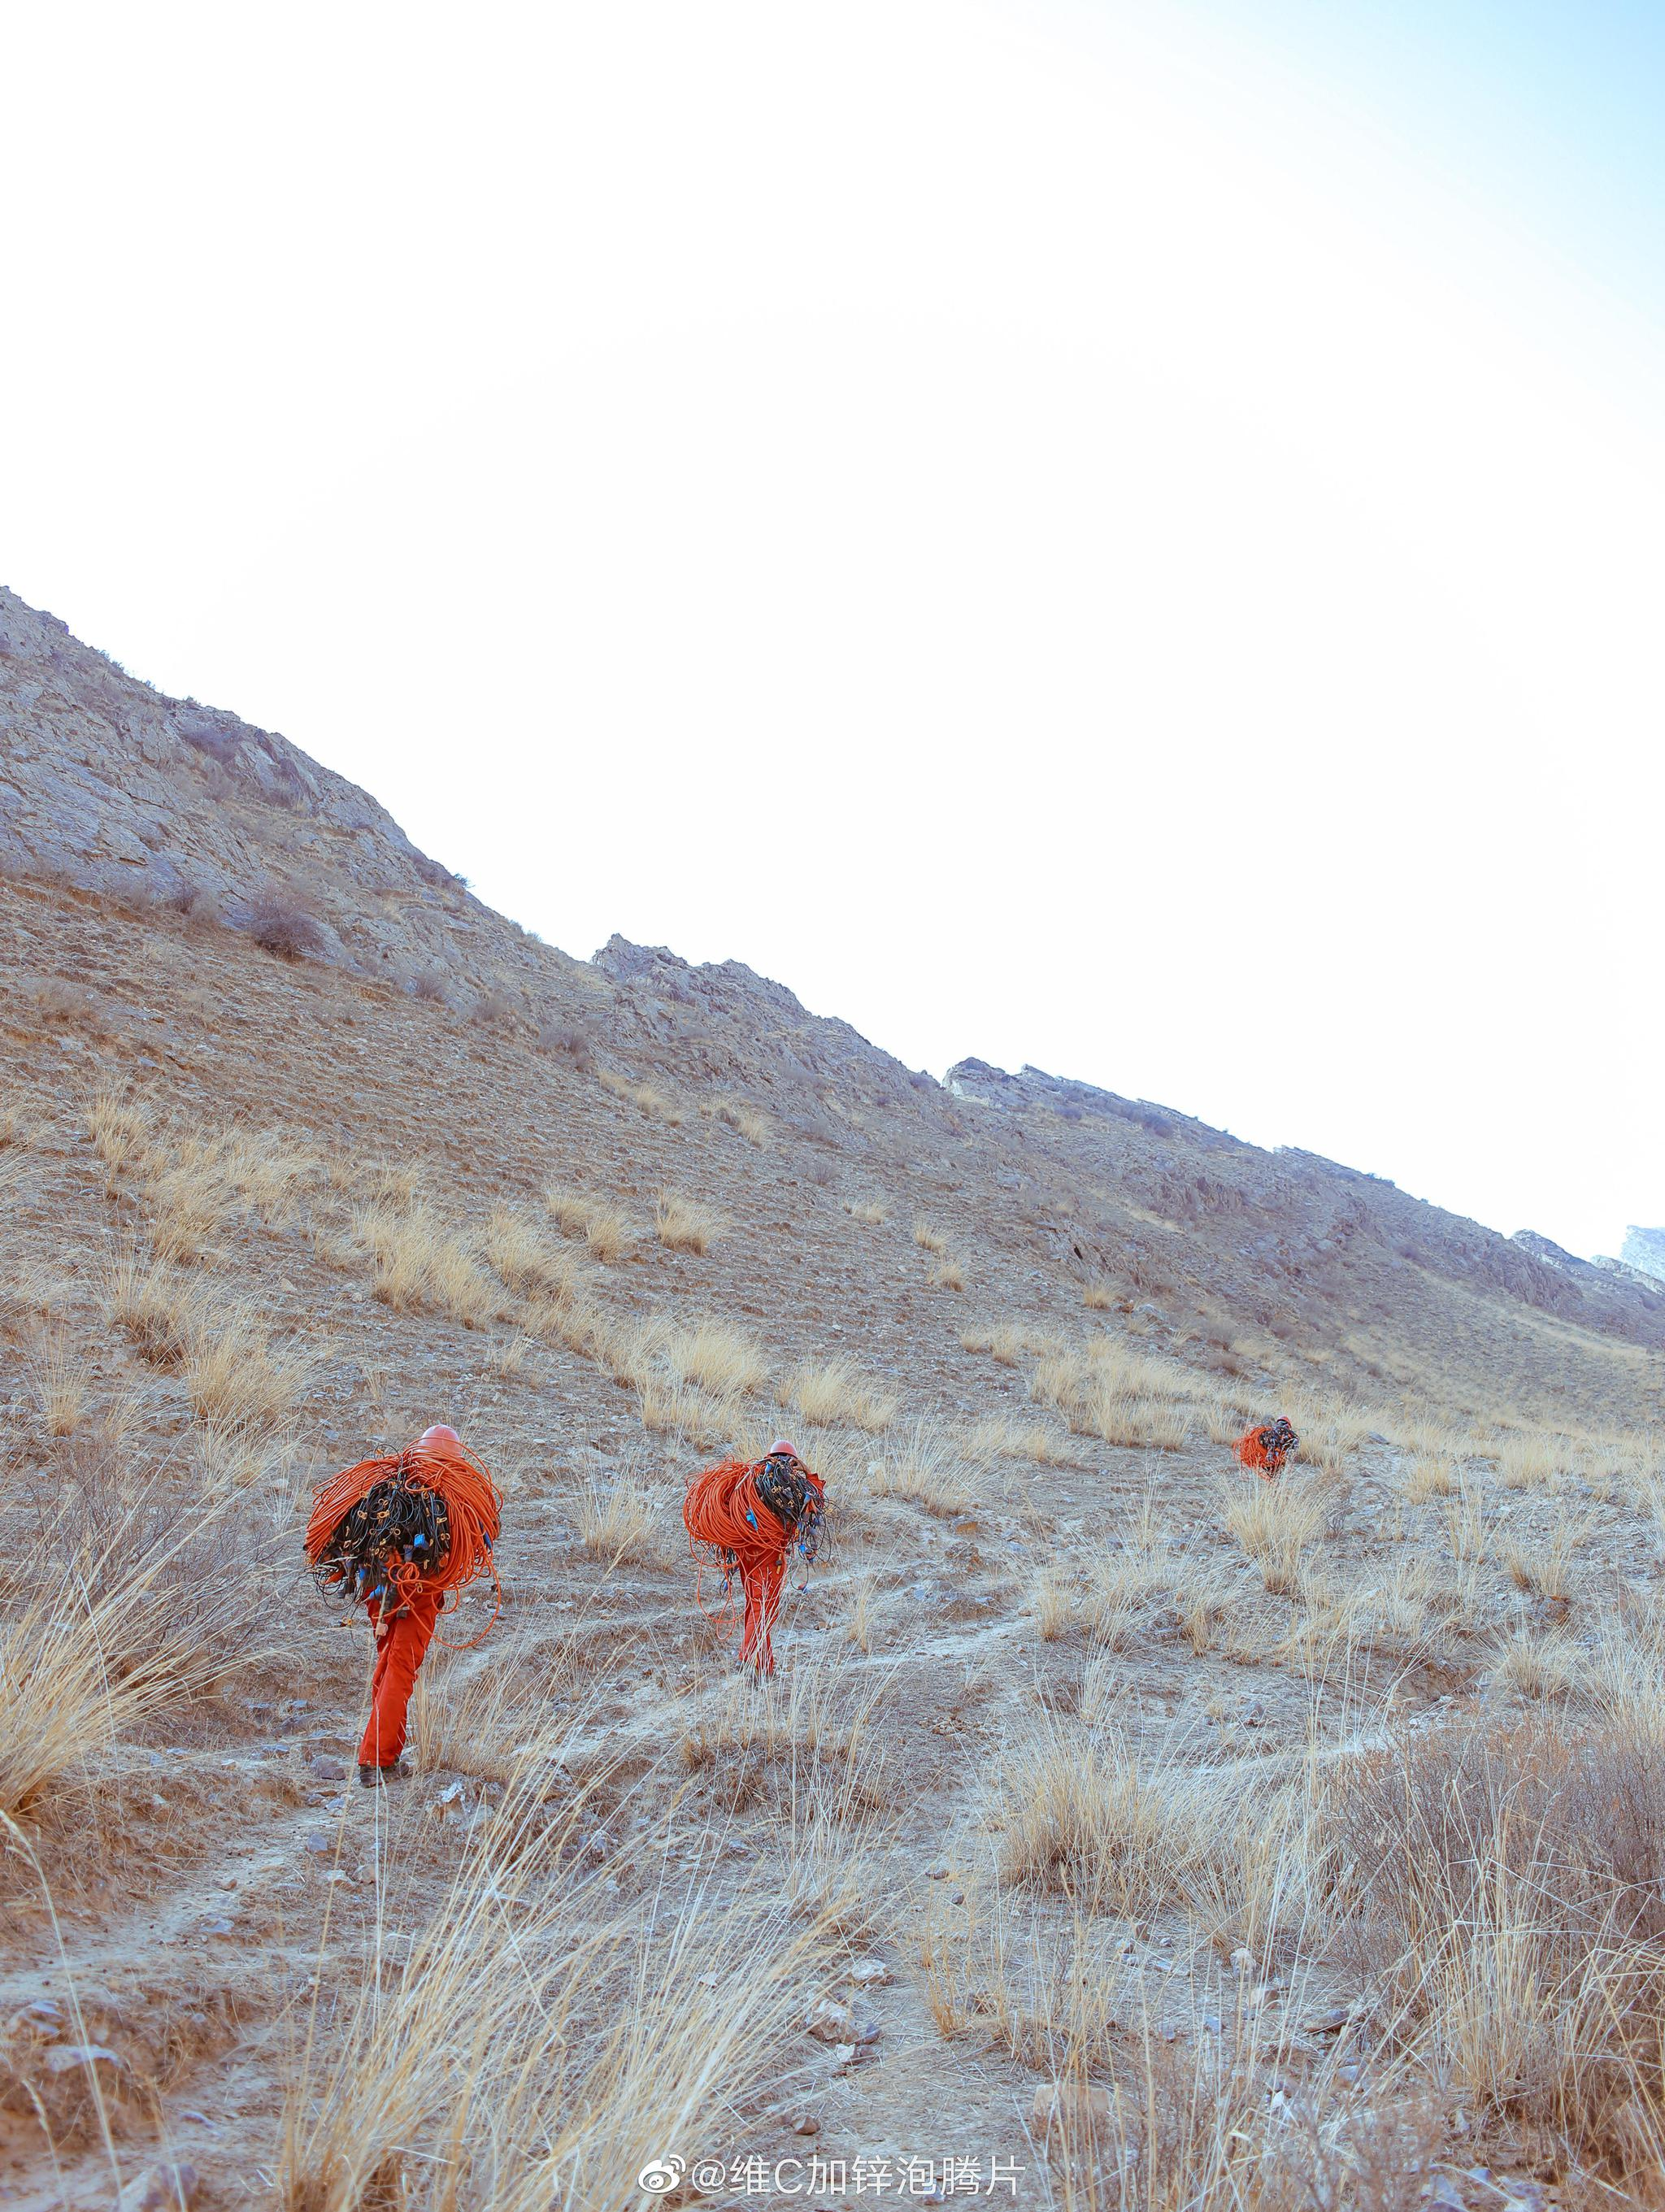 《登山的人》– 致开辟着西北荒山大漠的石油人背负近70斤 登上满